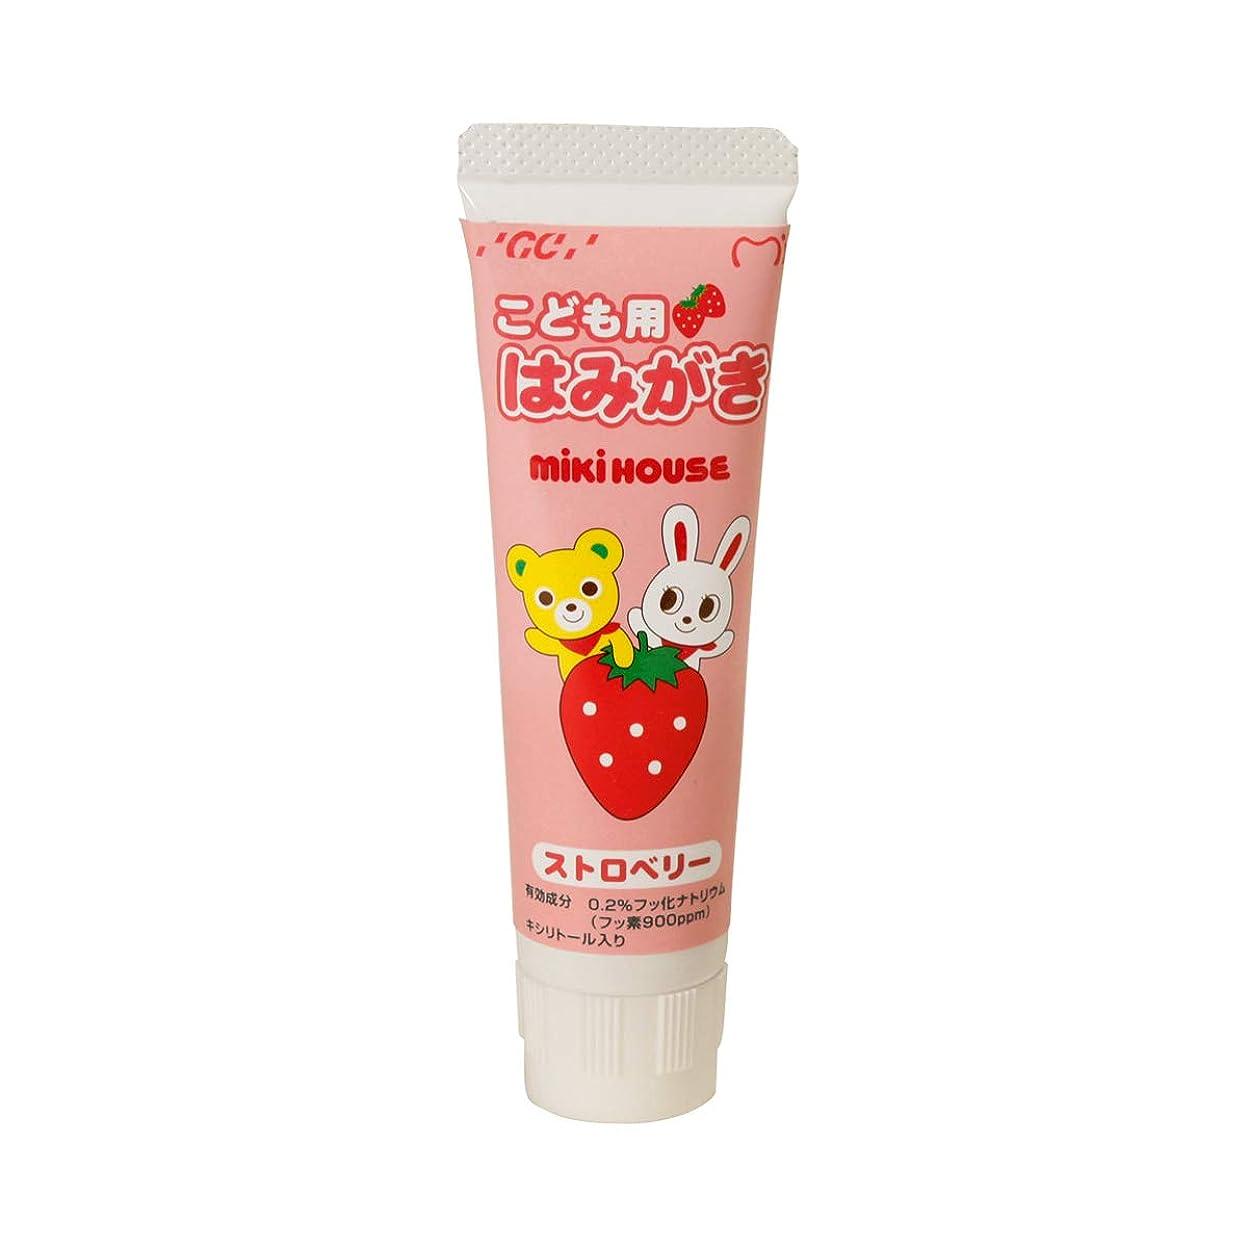 あご雰囲気ぺディカブミキハウス (MIKIHOUSE) 歯みがき 15-4065-676 - ピンク